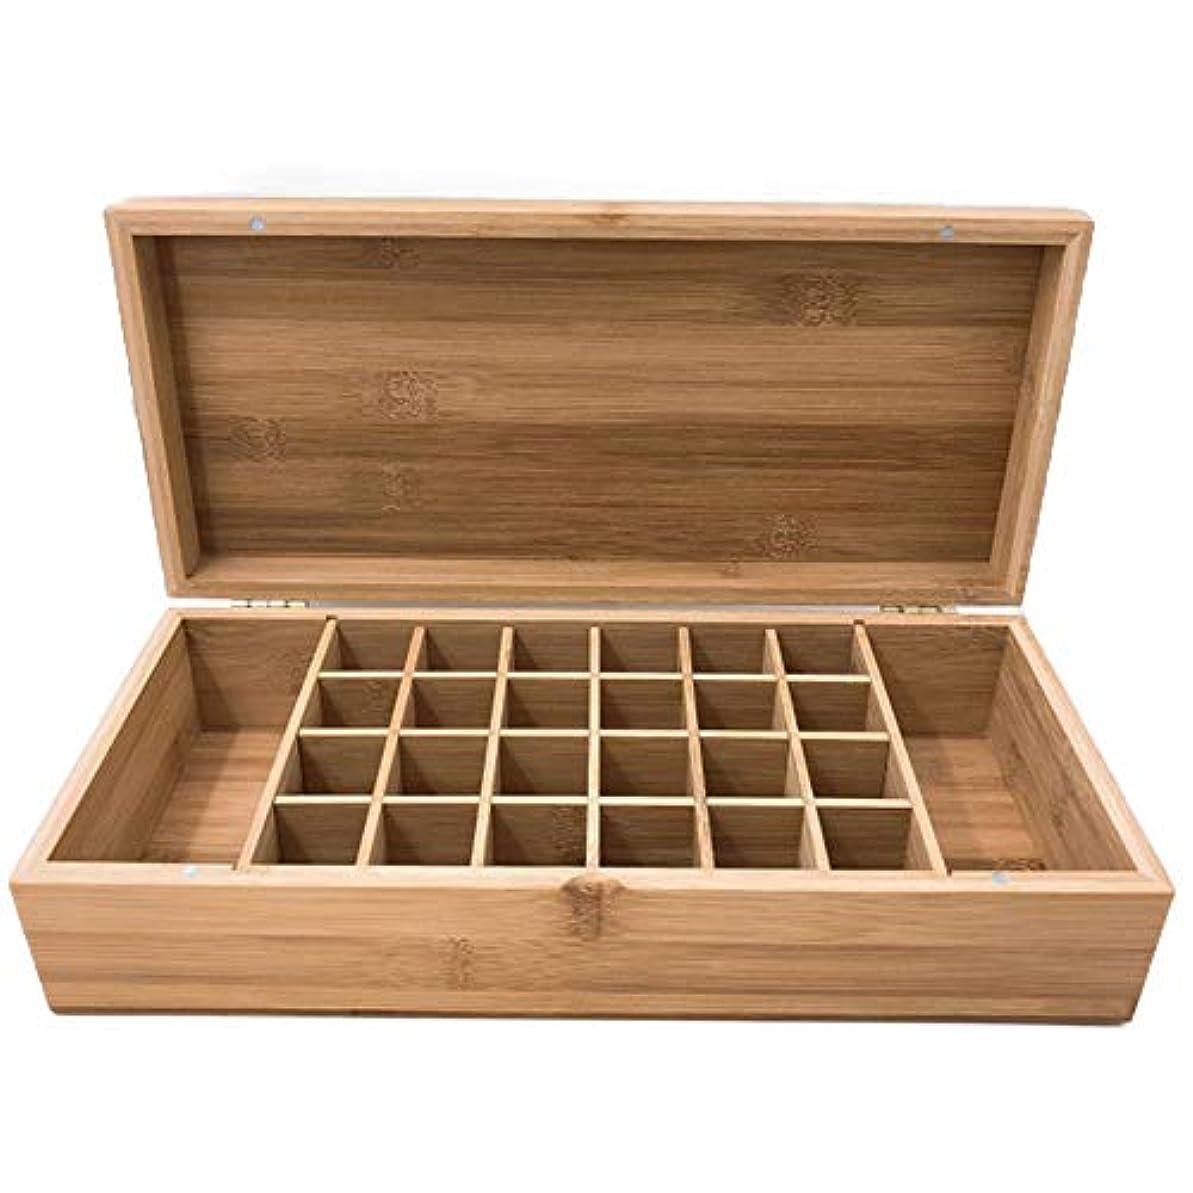 に慣れ嫌なボックスエッセンシャルオイルストレージボックス エッセンシャルオイルストレージボックスアロマセラピー油のボトル用キャリングケース26個のスロット木製オーガナイザー 旅行およびプレゼンテーション用 (色 : Natural, サイズ : 33.5X15X8.3CM)